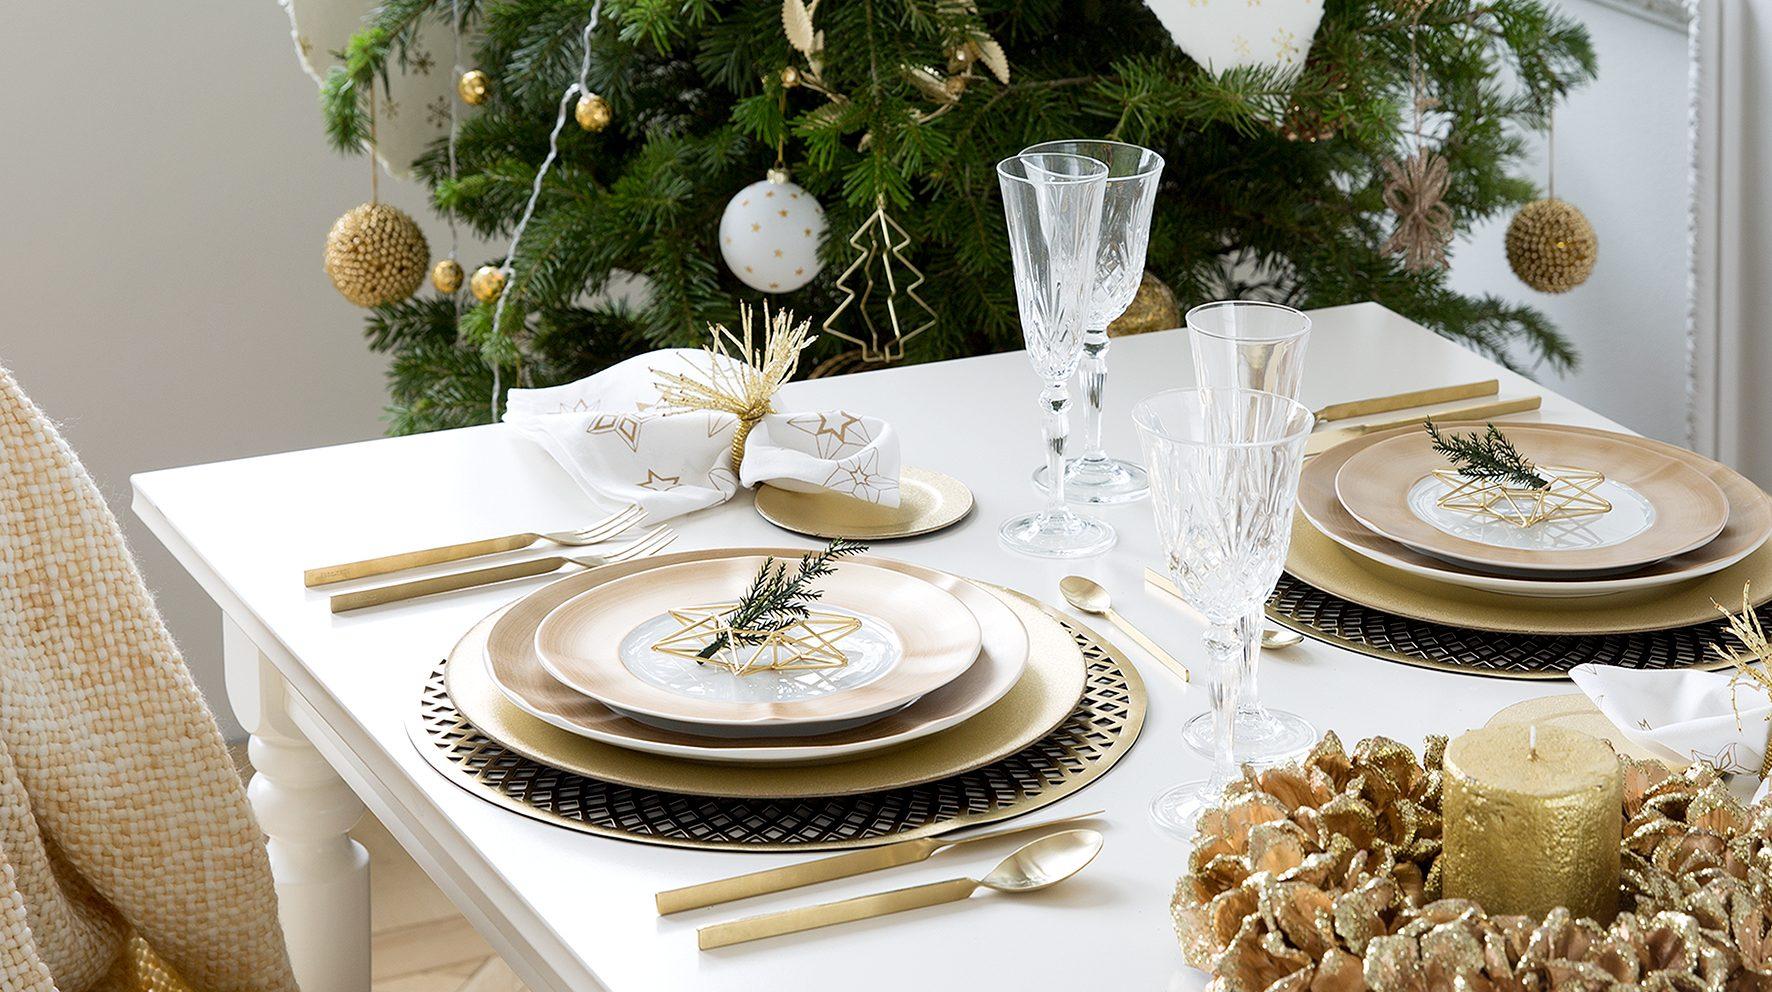 Kerst Tafel Decoratie : Kerst tafel dekken met veel goud! christmaholic.nl